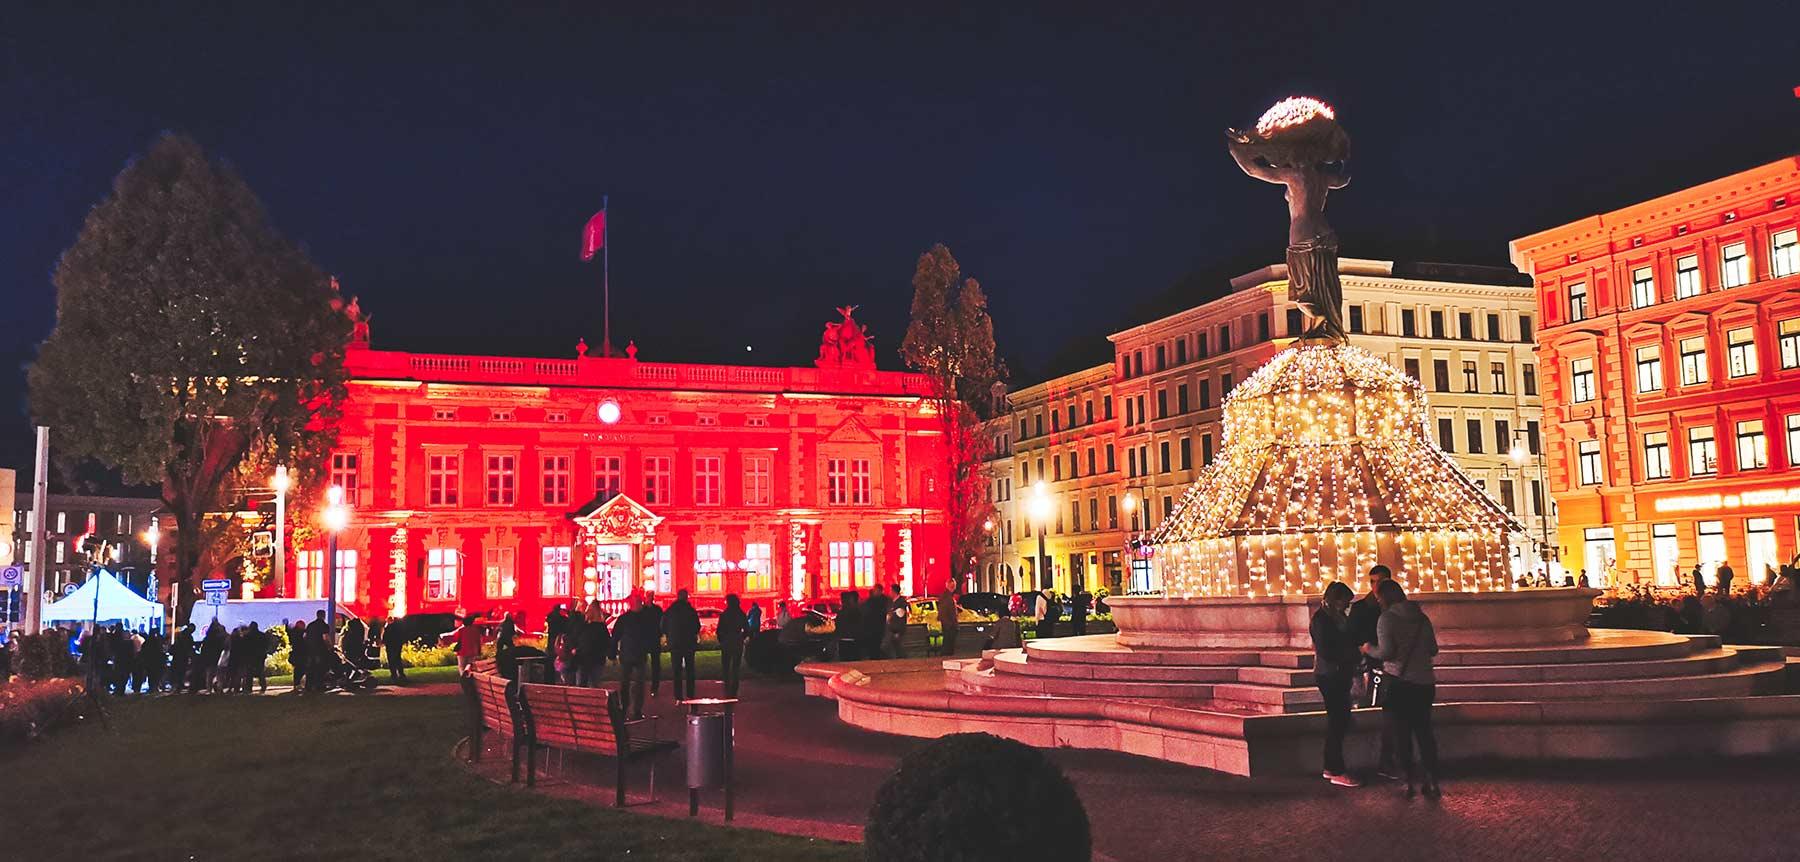 Lichterglanz-goerlitz-nachts-stadt-beleuchtet